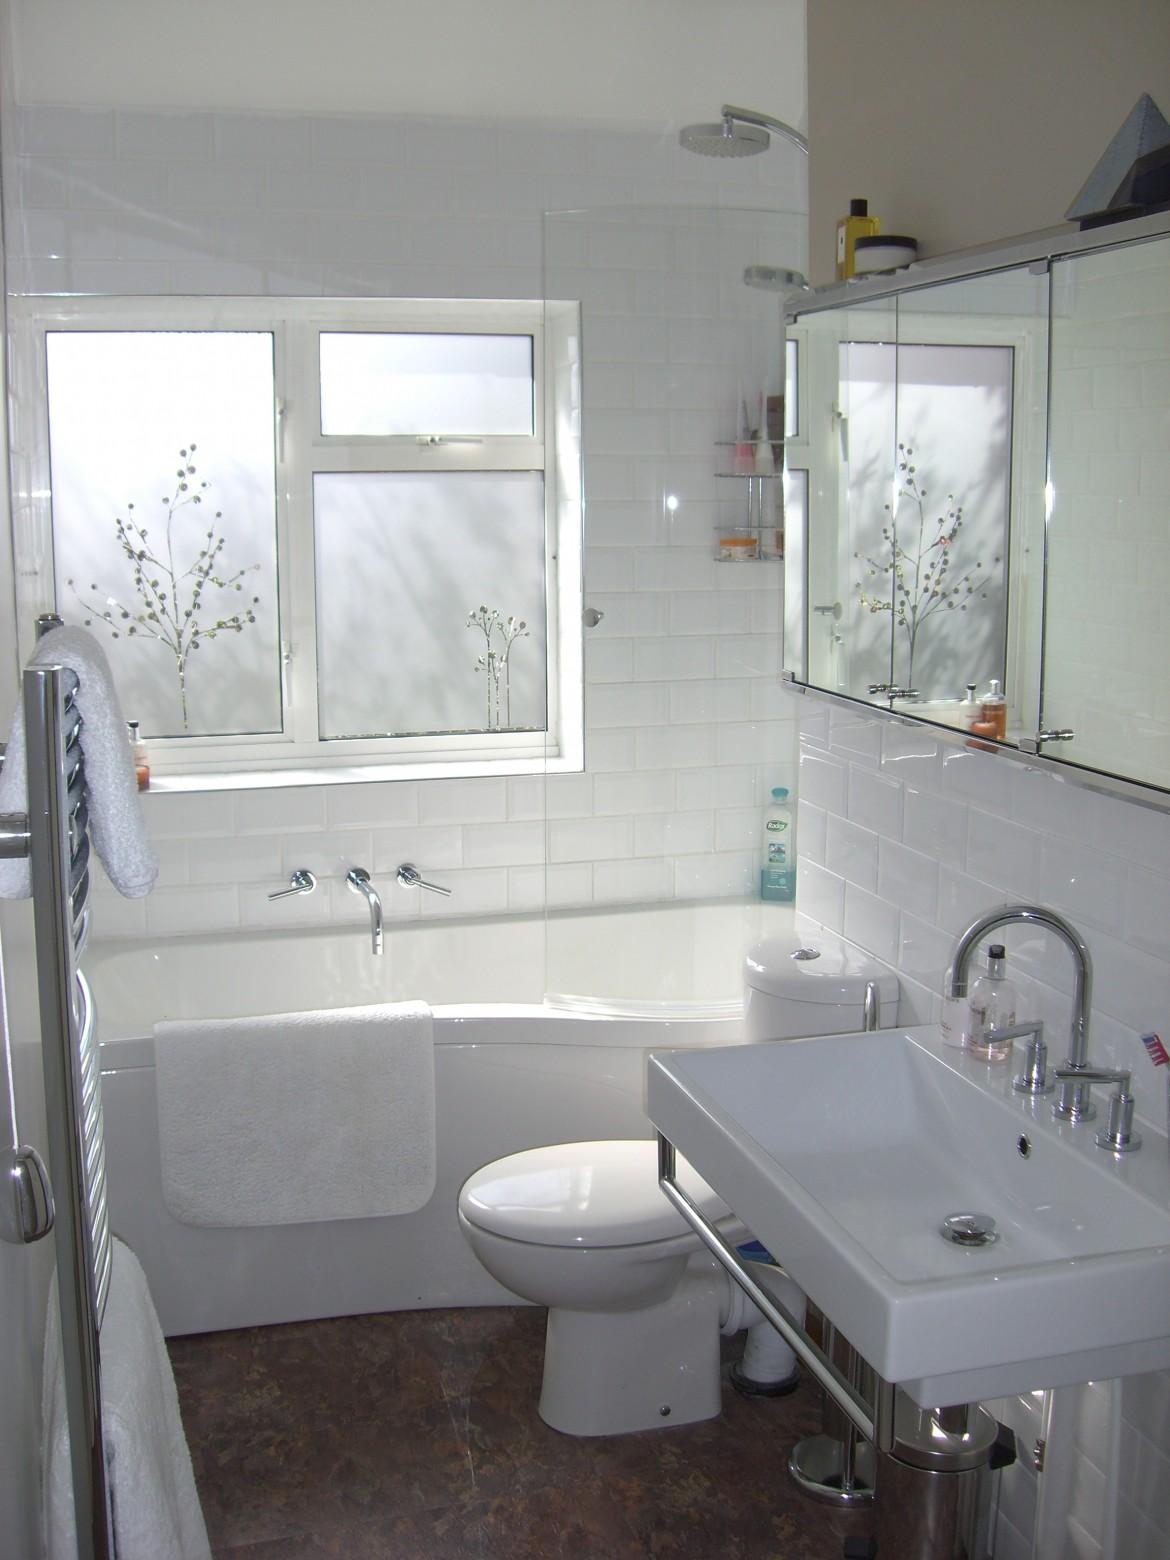 Естественная вентиляция ванной